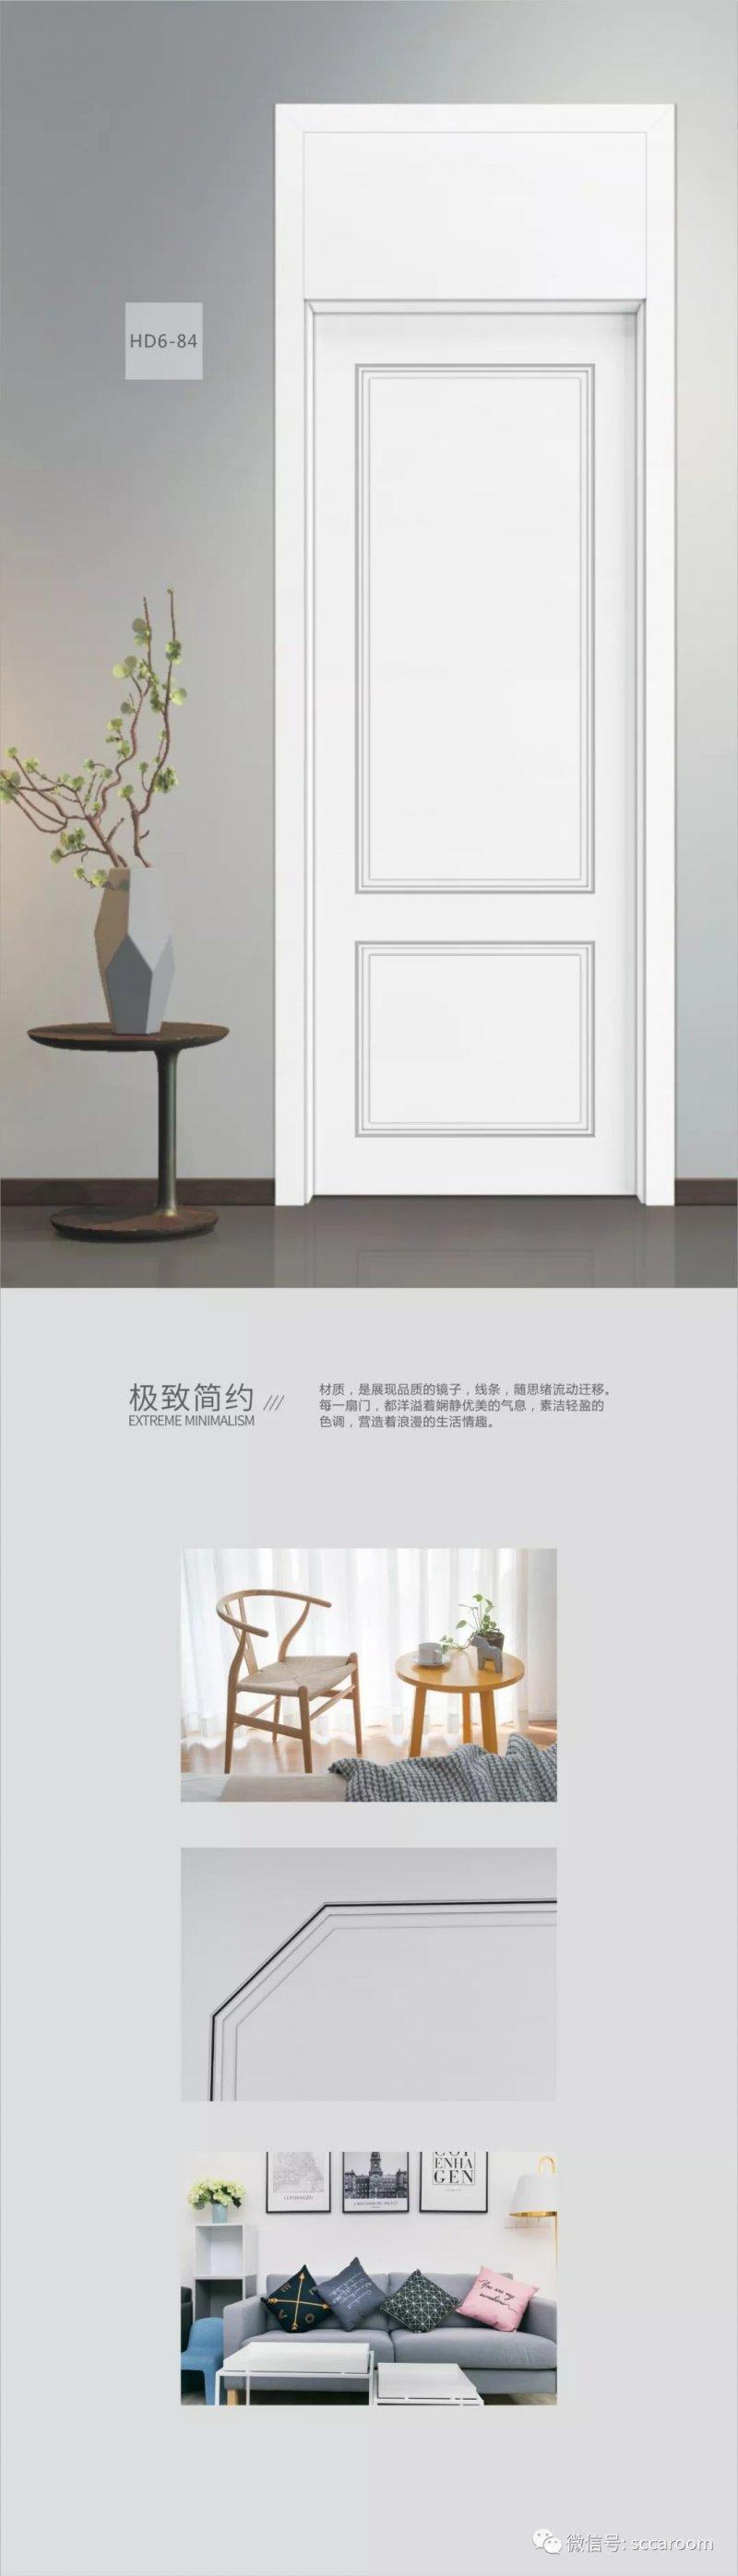 简.爱-时尚系列-HD6_3